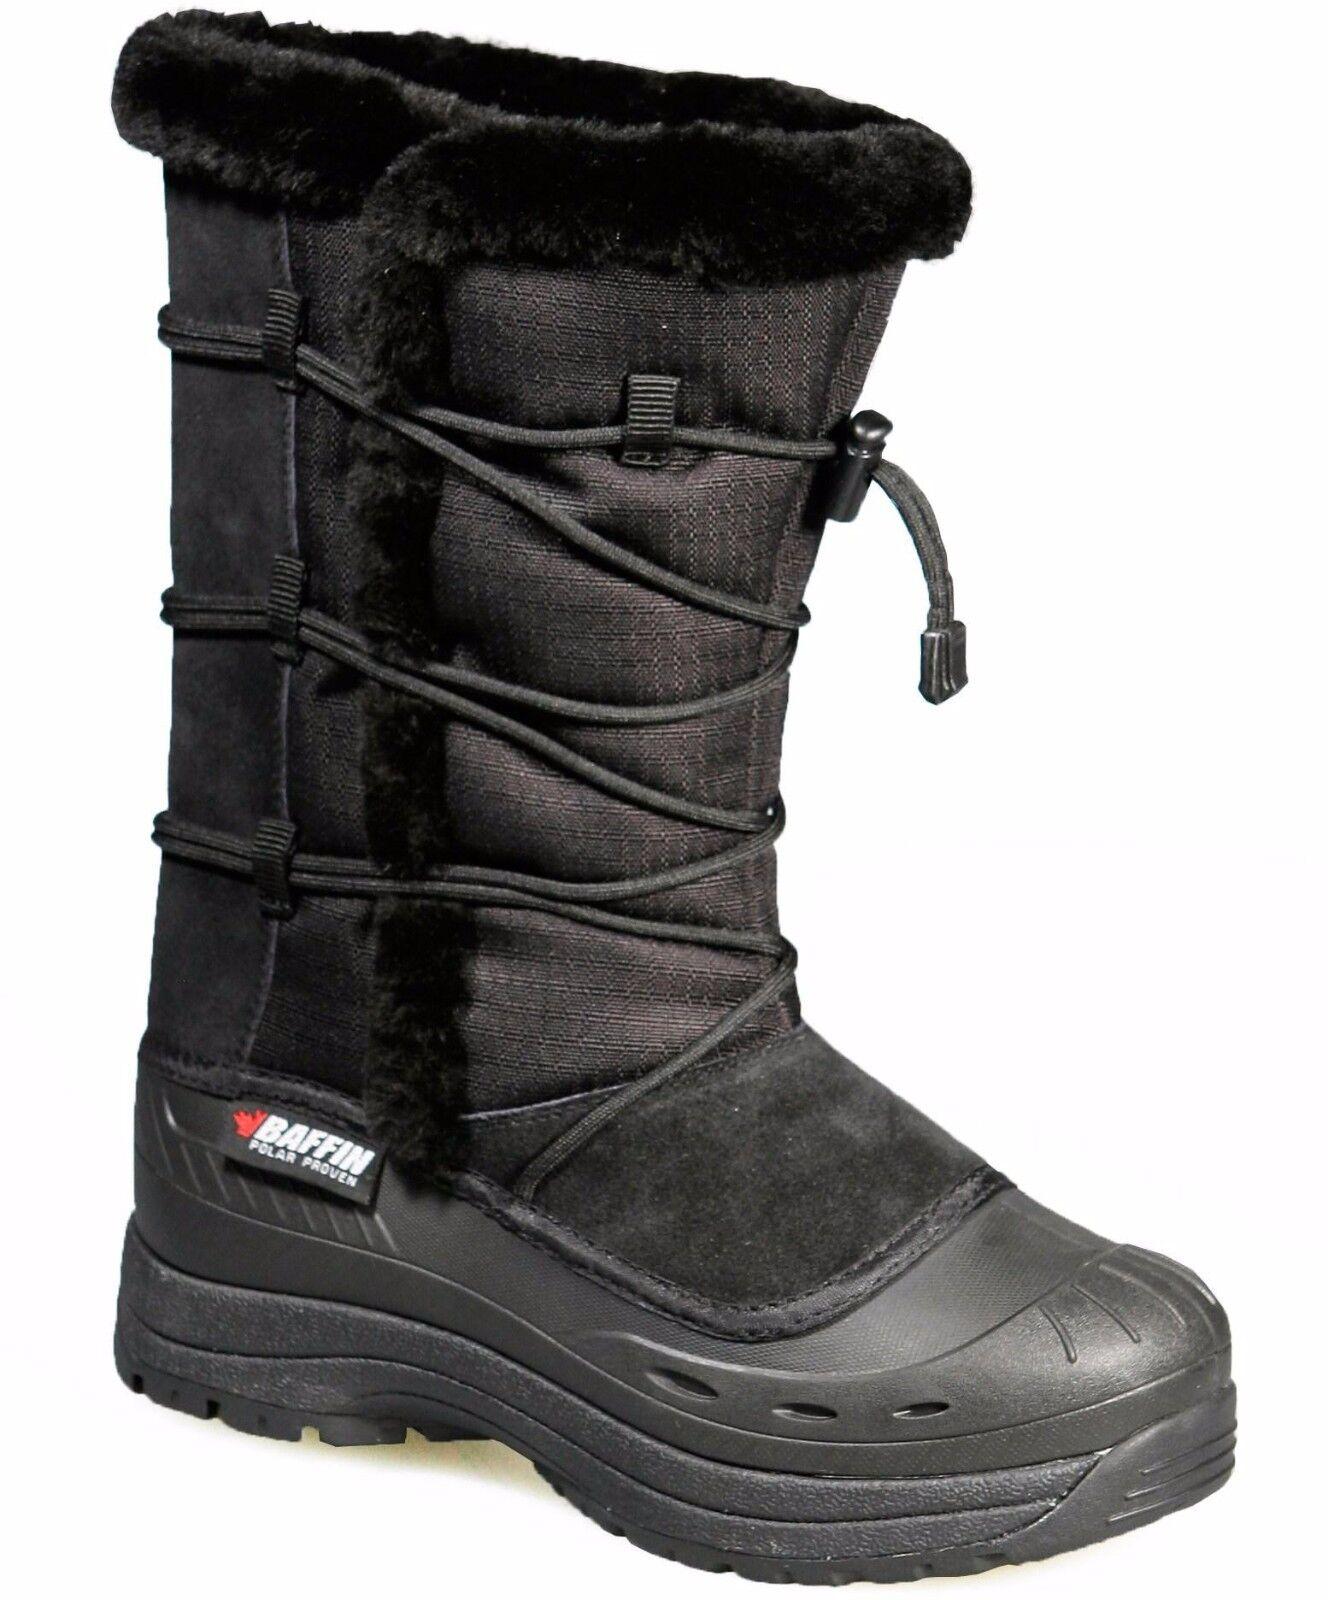 Baffin Bottes Ella Hiver Neige Bottes Imperméable Isolé Bottes Noires, US 8 m